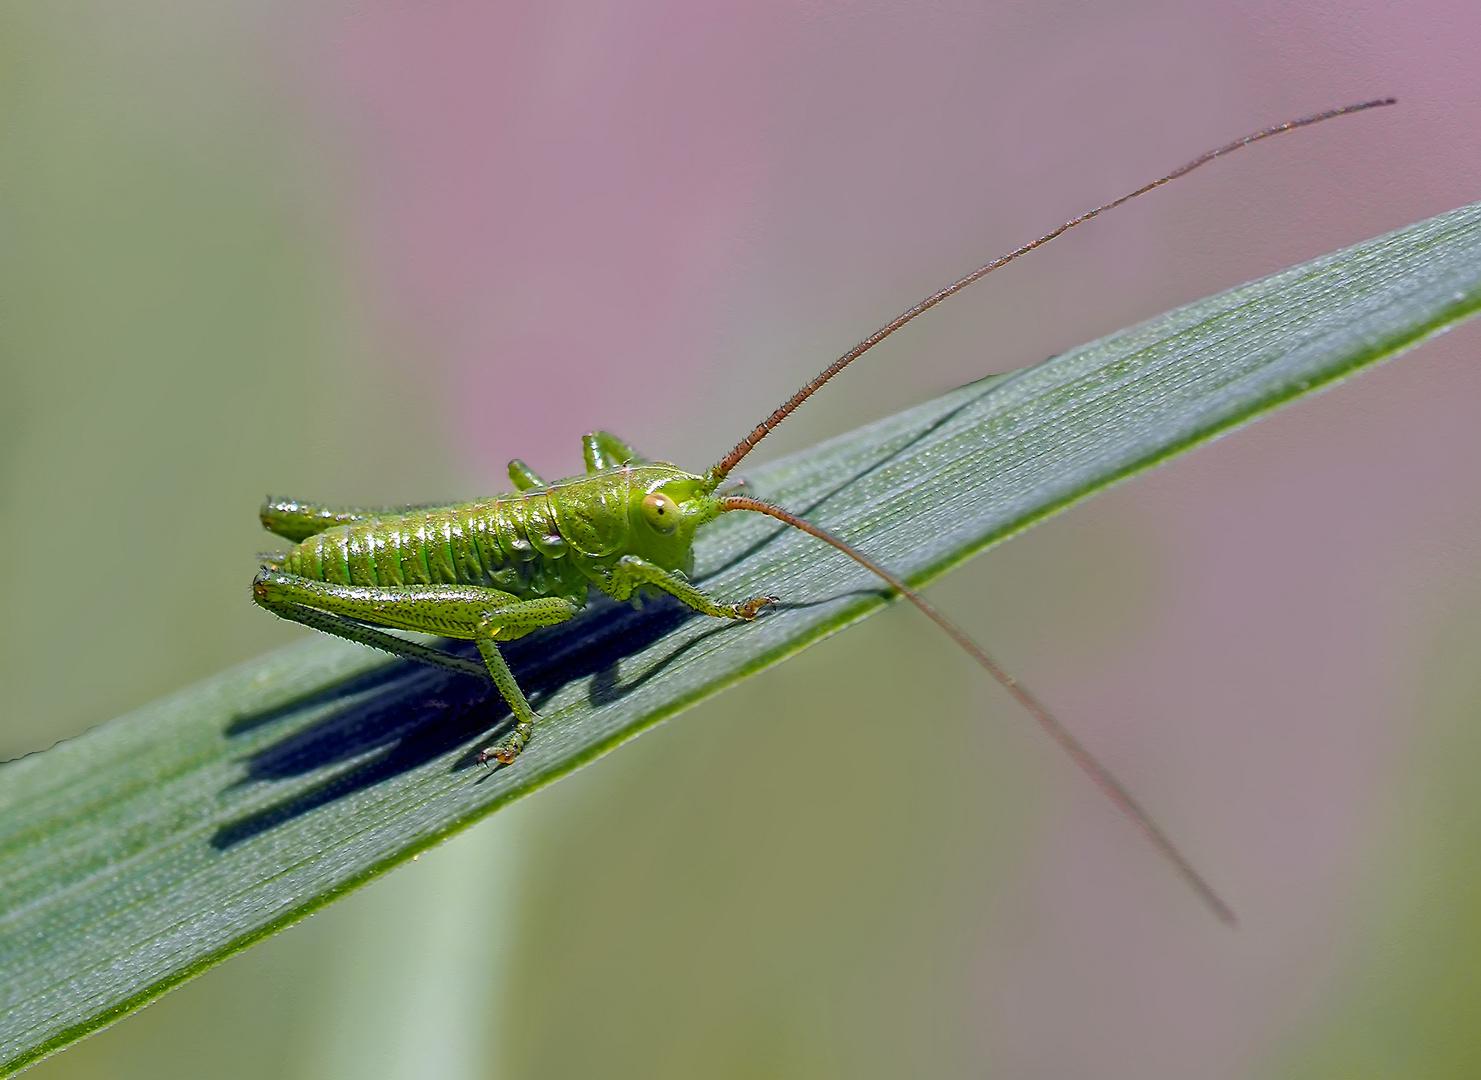 Punktierte Zartschrecke (Leptophyes punctatissima). - Dès qu'on l'approche, elle saute!